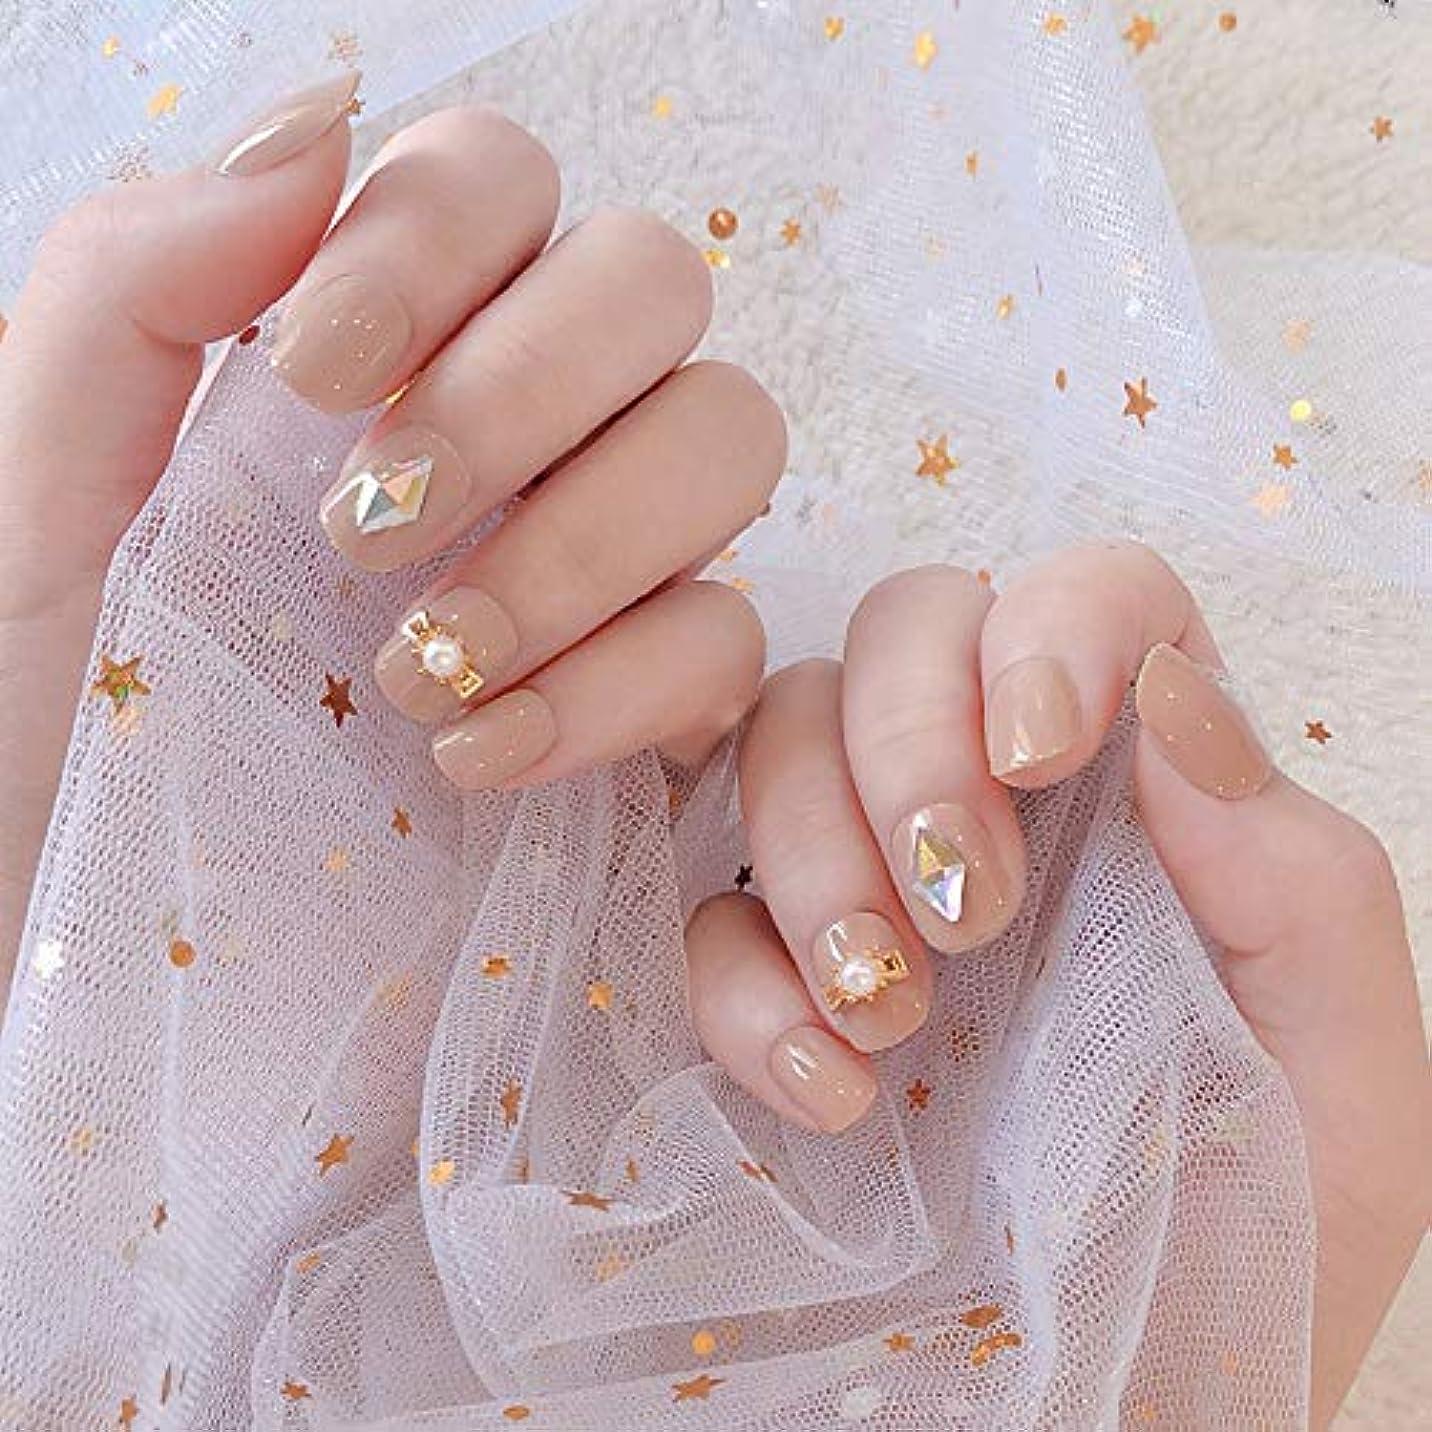 ばか叱る才能のあるXUTXZKA 光沢のあるダイヤモンド花嫁ネイルアートグリッド花ネイルステッカーショートフルカバー偽の爪